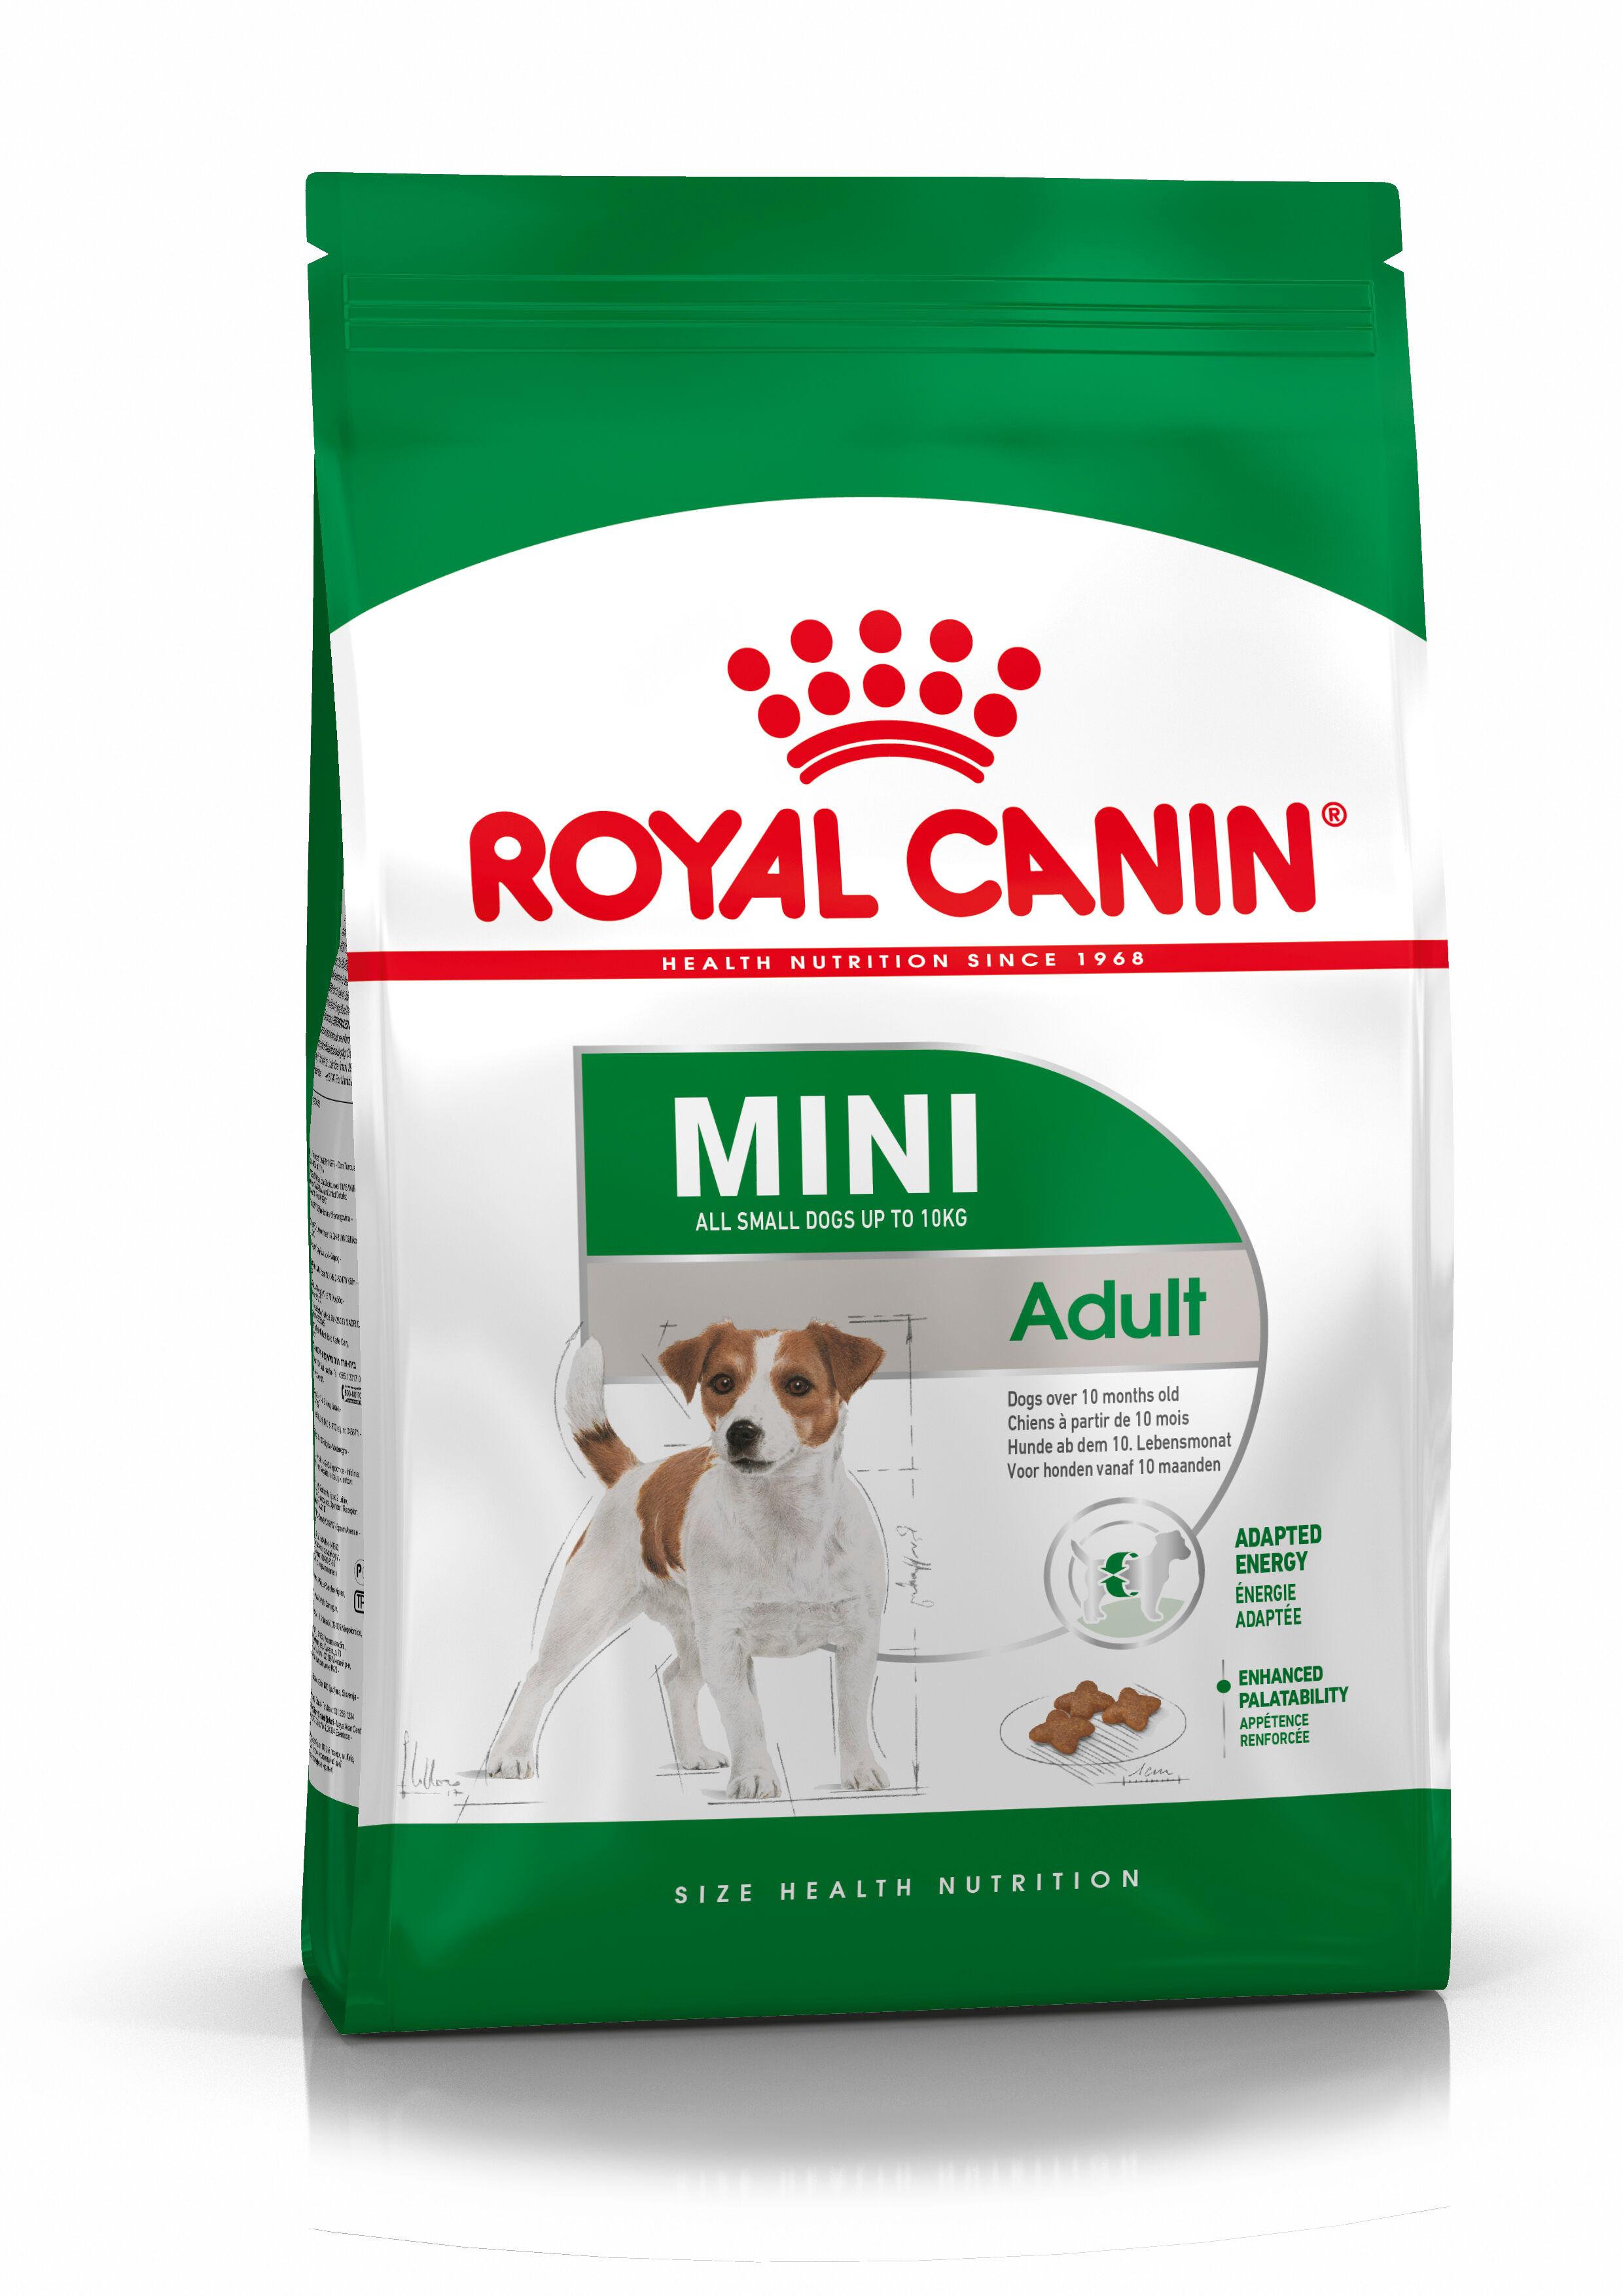 Royal Canin Mini Adult pour chien 4 kg